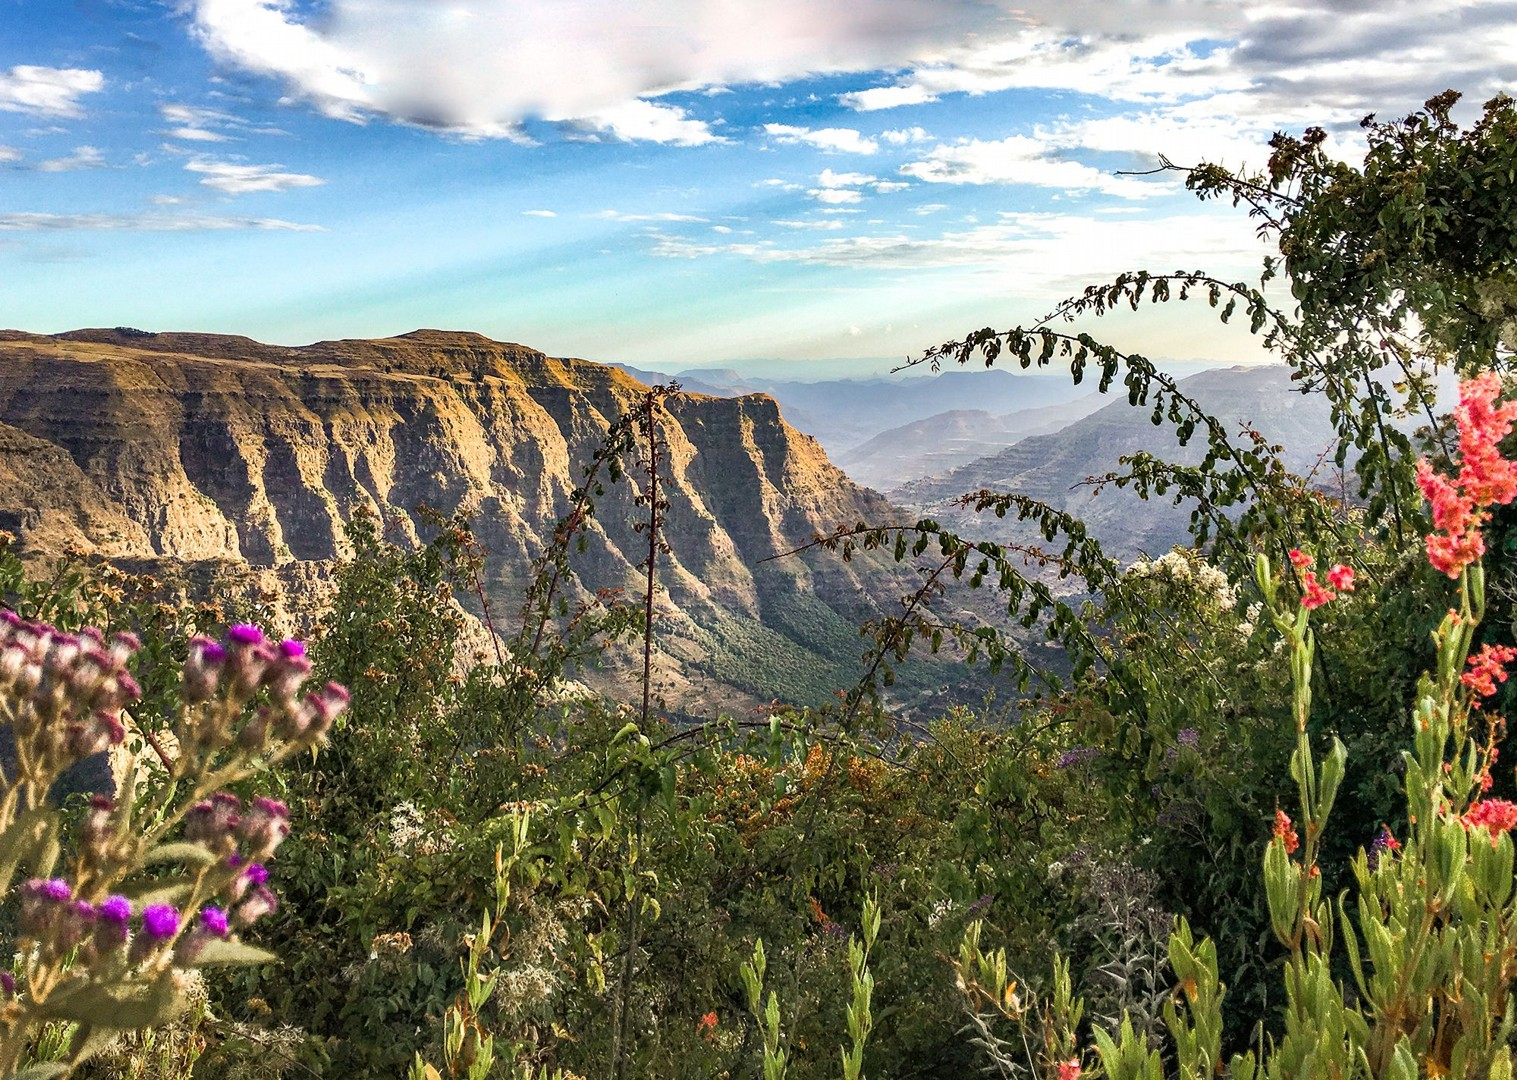 stunning-ethiopia-scenery-adventure-holiday-cycling-saddle-skedaddle.jpg - NEW! Ethiopia - Enchanting Ethiopia - Cycling Adventures